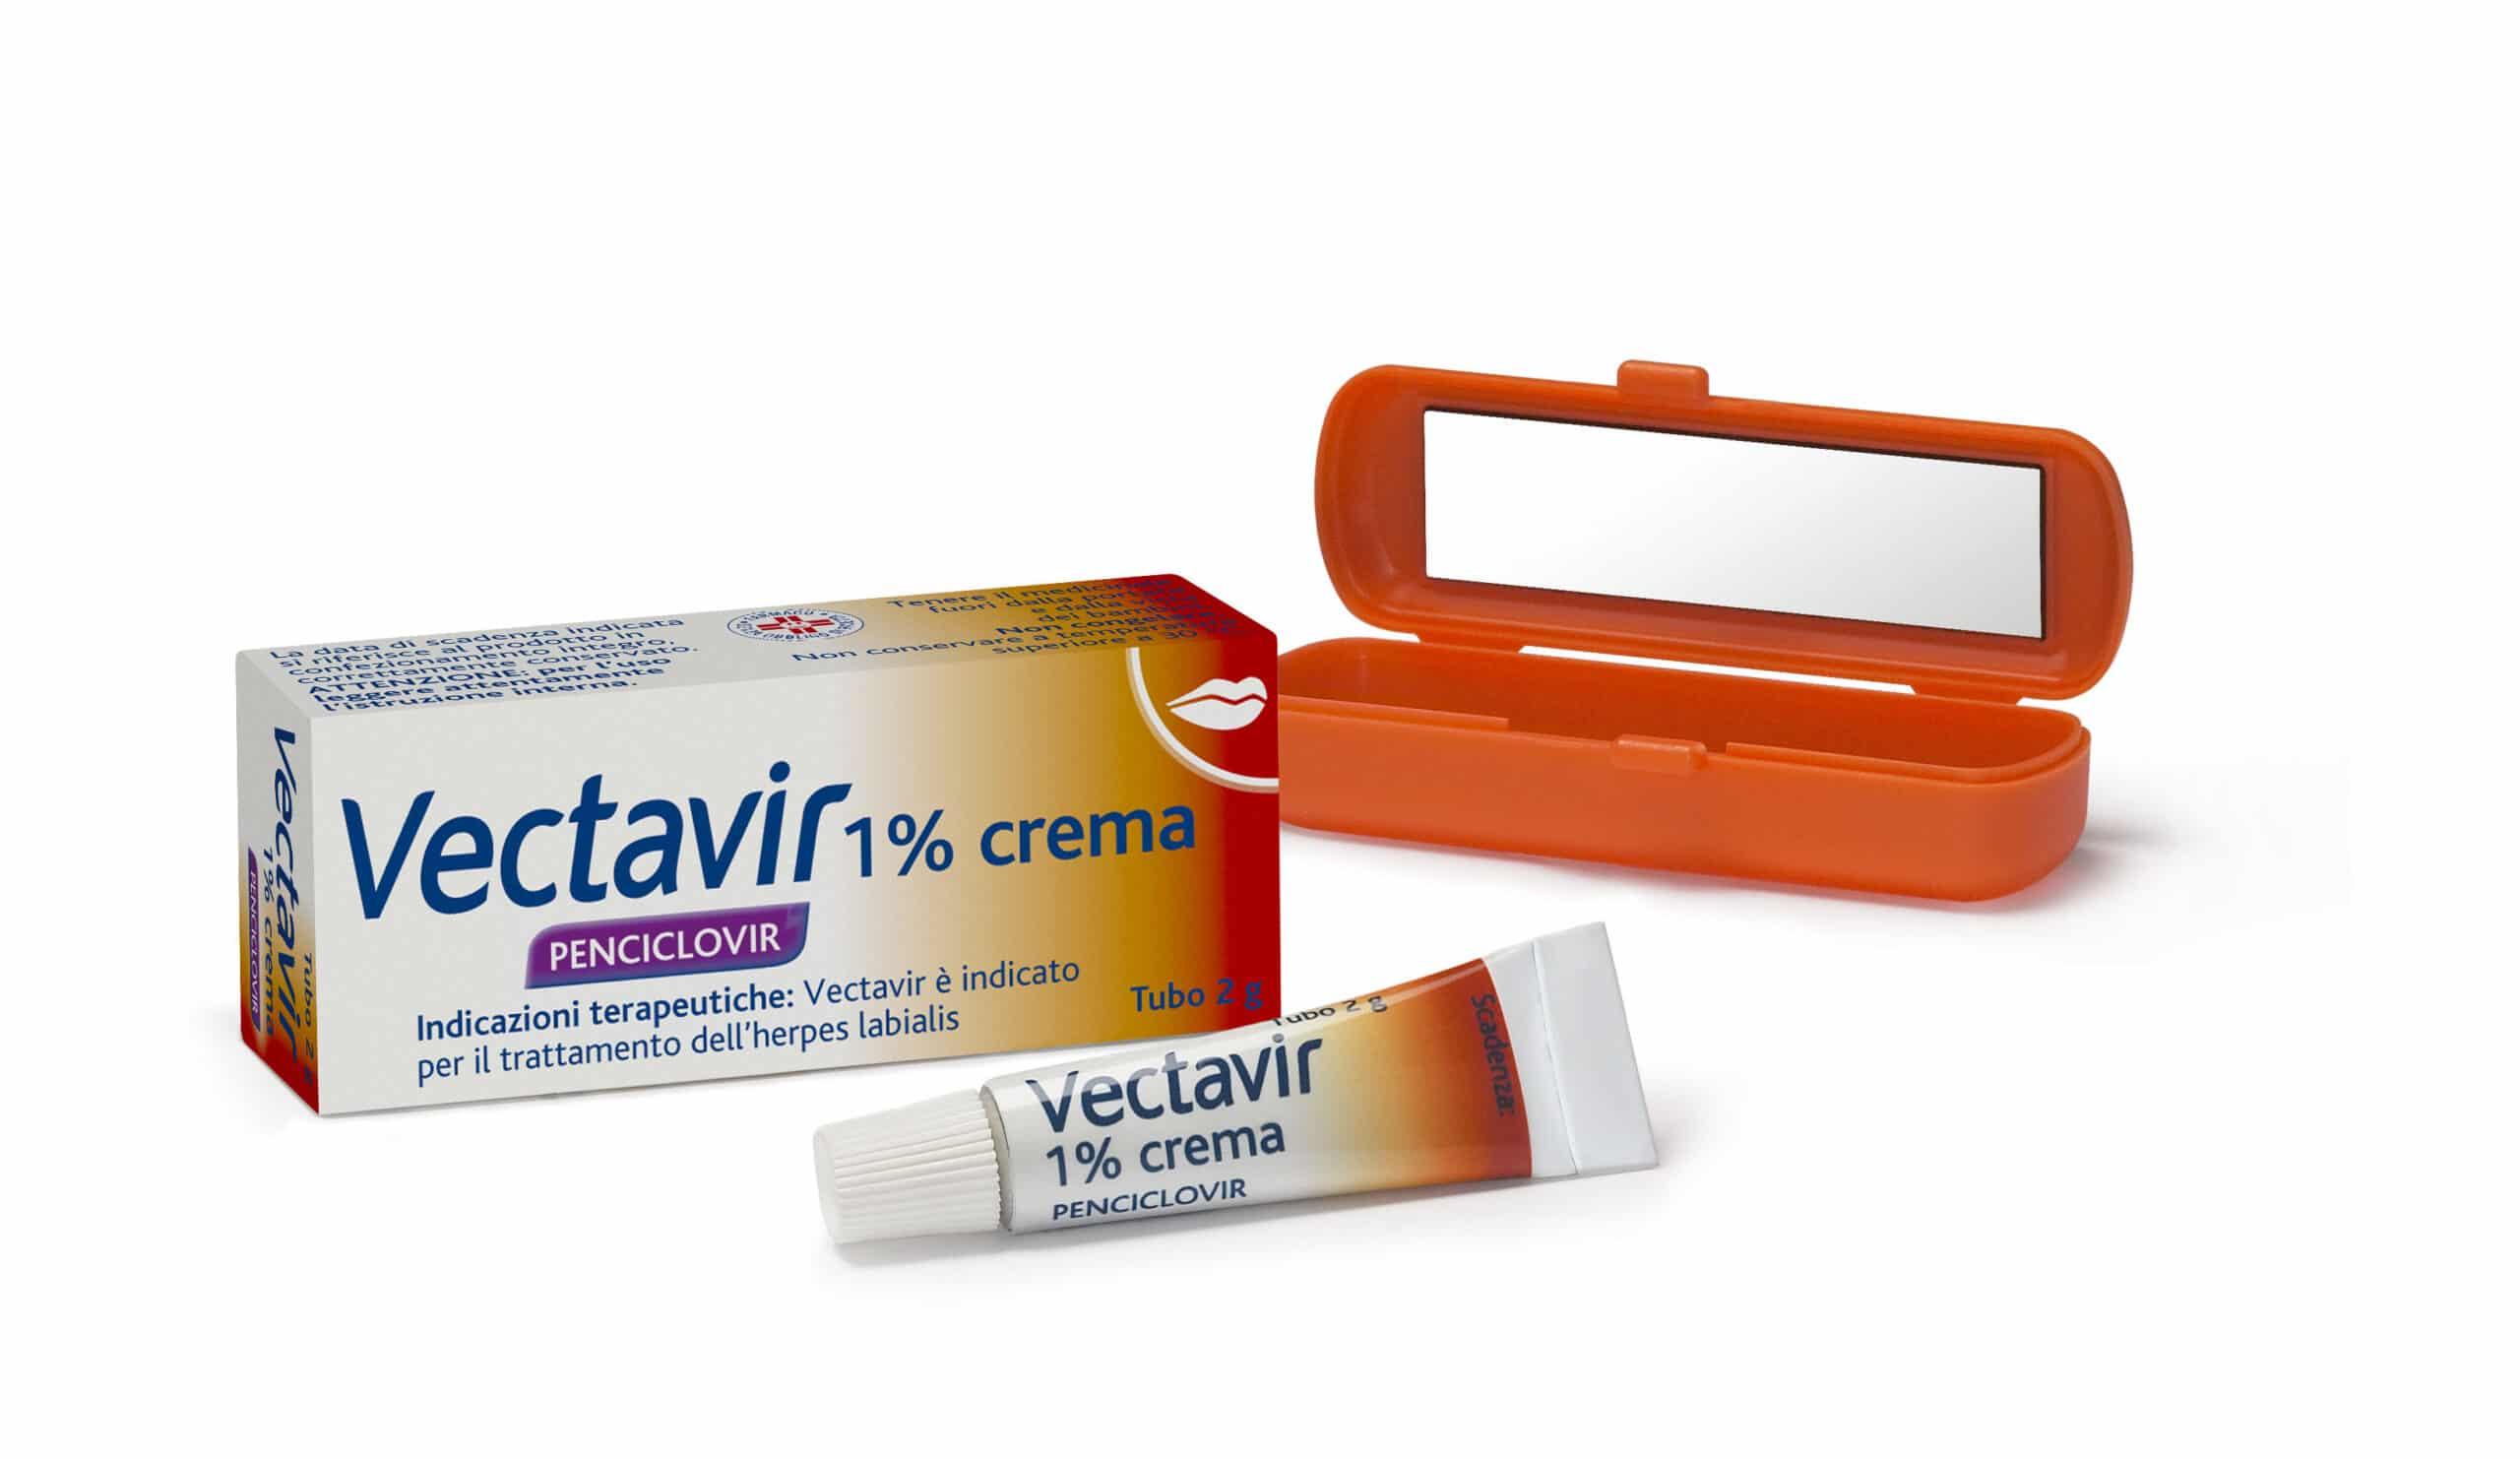 Vectavir Crema Con Penciclovir Rimedi Rapidi Contro L